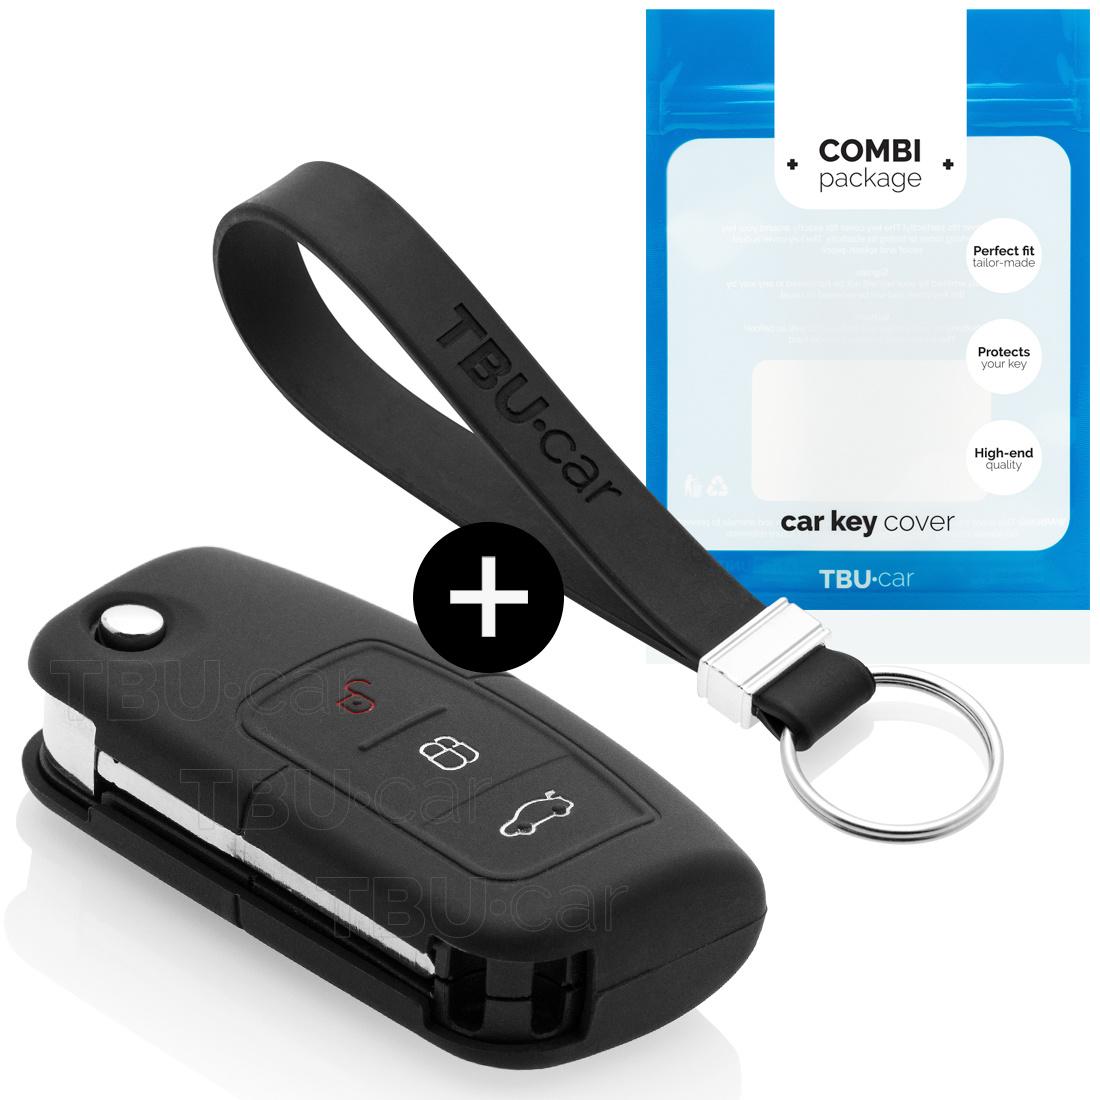 TBU car TBU car Sleutel cover compatibel met Ford - Silicone sleutelhoesje - beschermhoesje autosleutel - Zwart